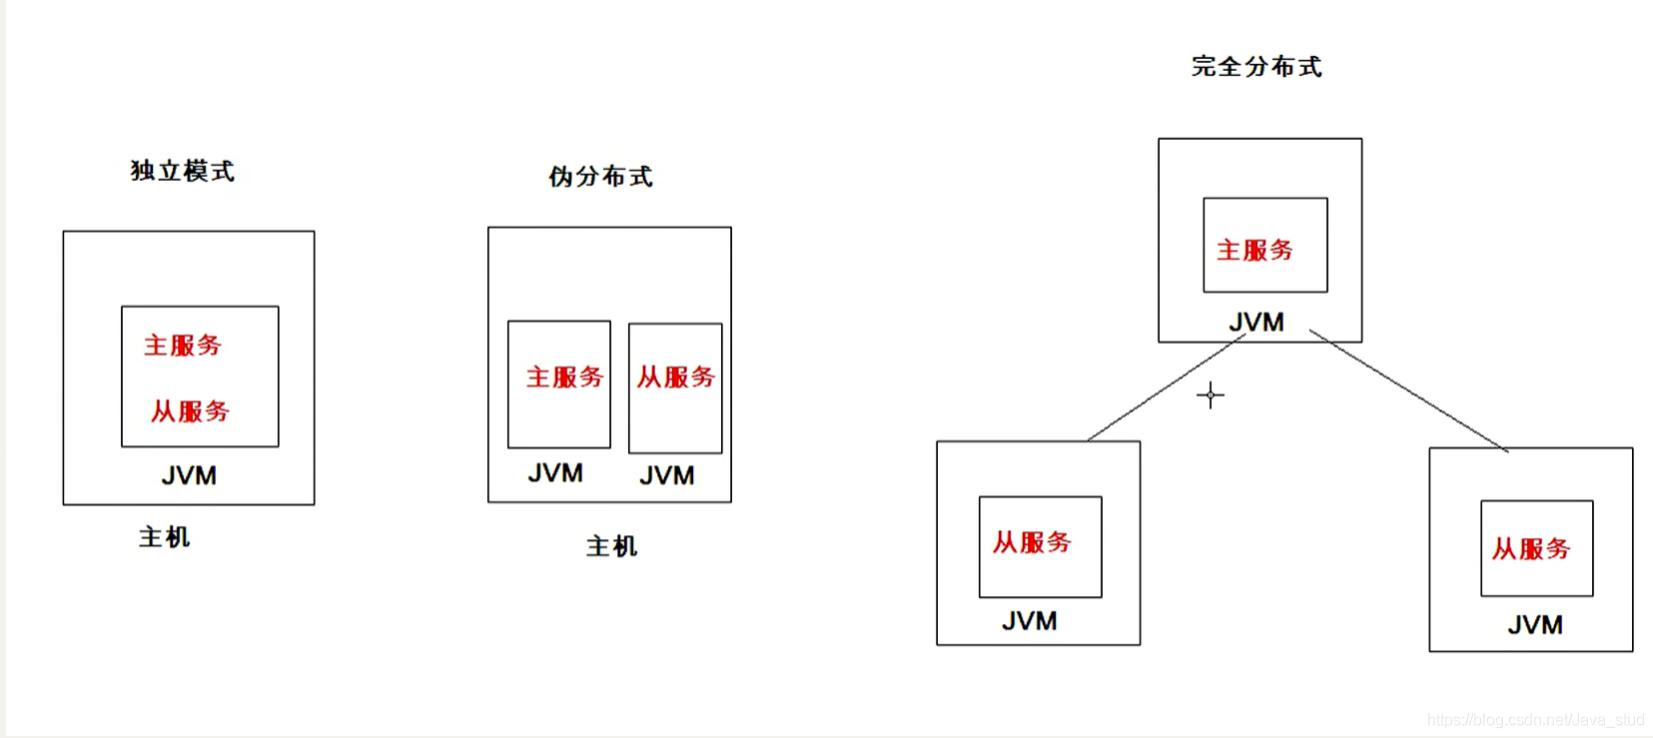 [外链图片转存失败,源站可能有防盗链机制,建议将图片保存下来直接上传(img-vFMoP36v-1600742352332)(hadoop.assets/image-20200903215105332.png)]